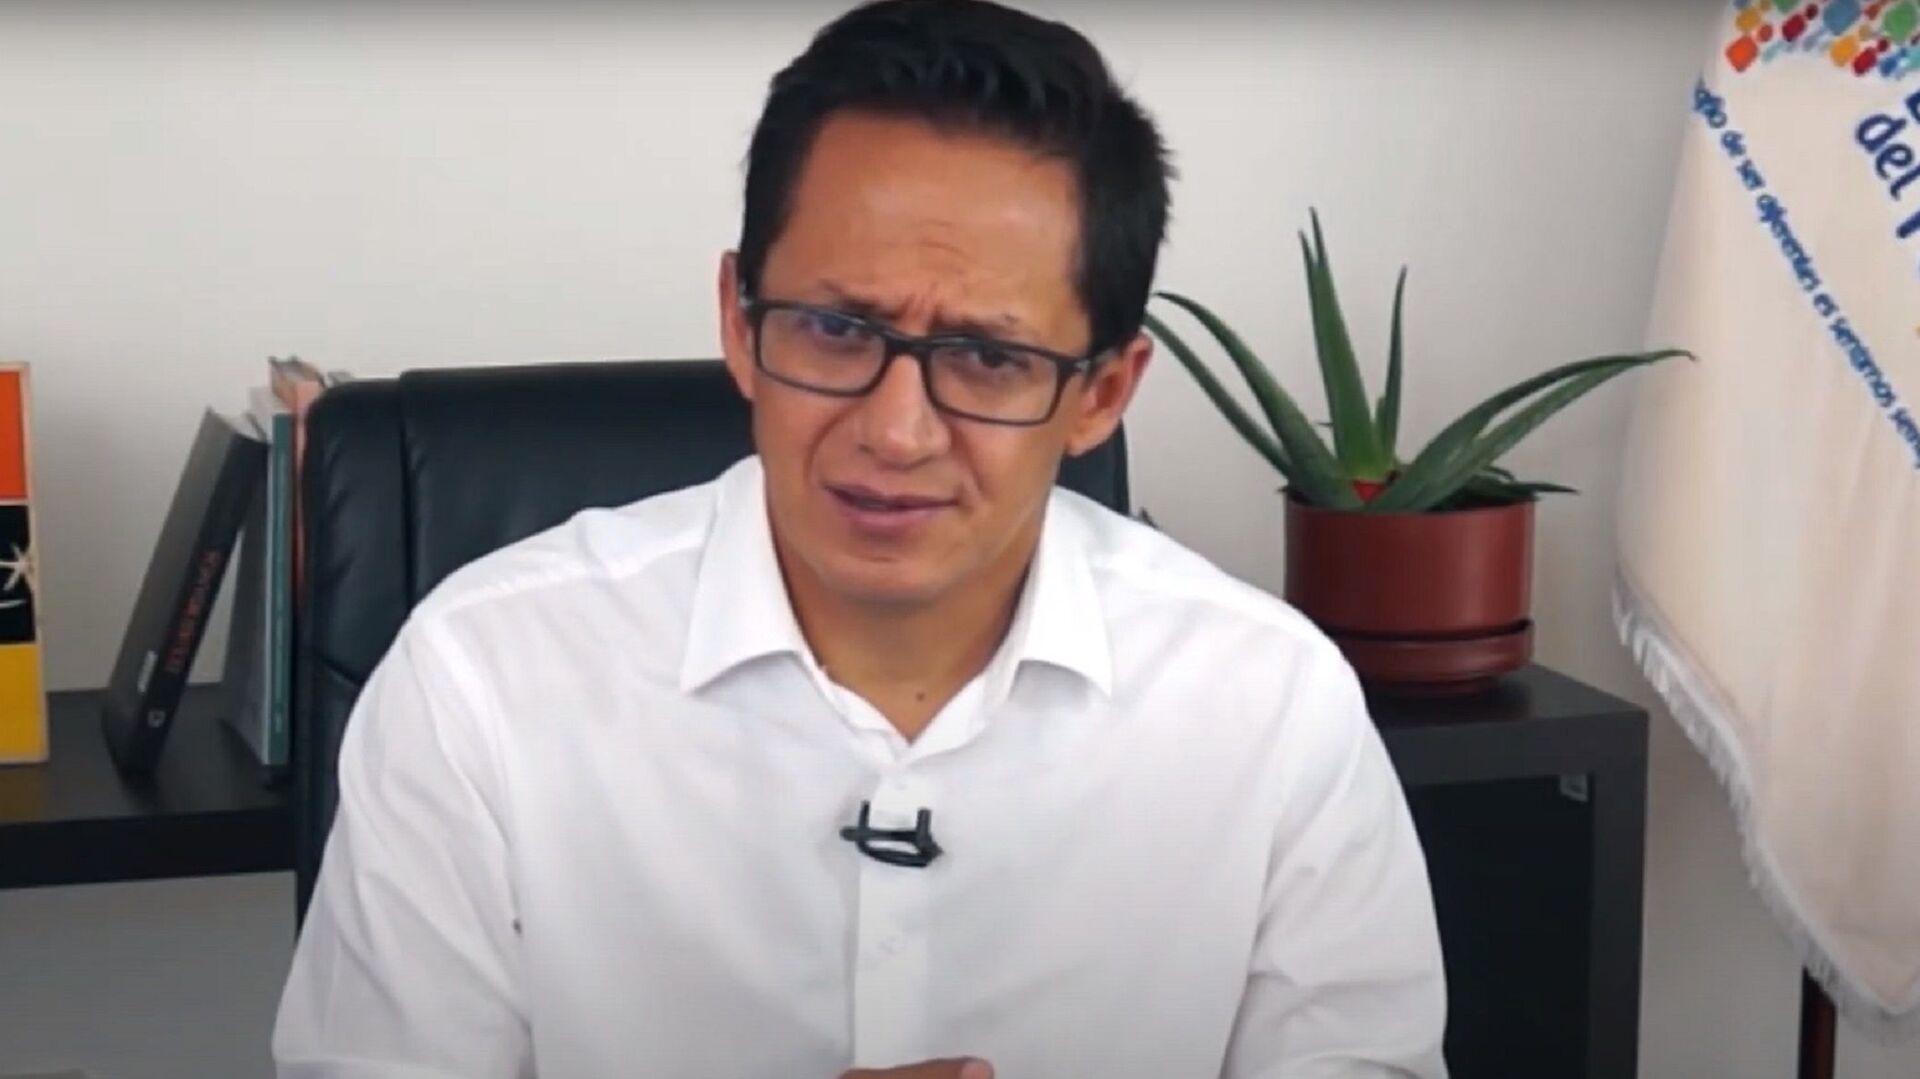 Freddy Carrión, defensor del Pueblo de Ecuador - Sputnik Mundo, 1920, 27.07.2021